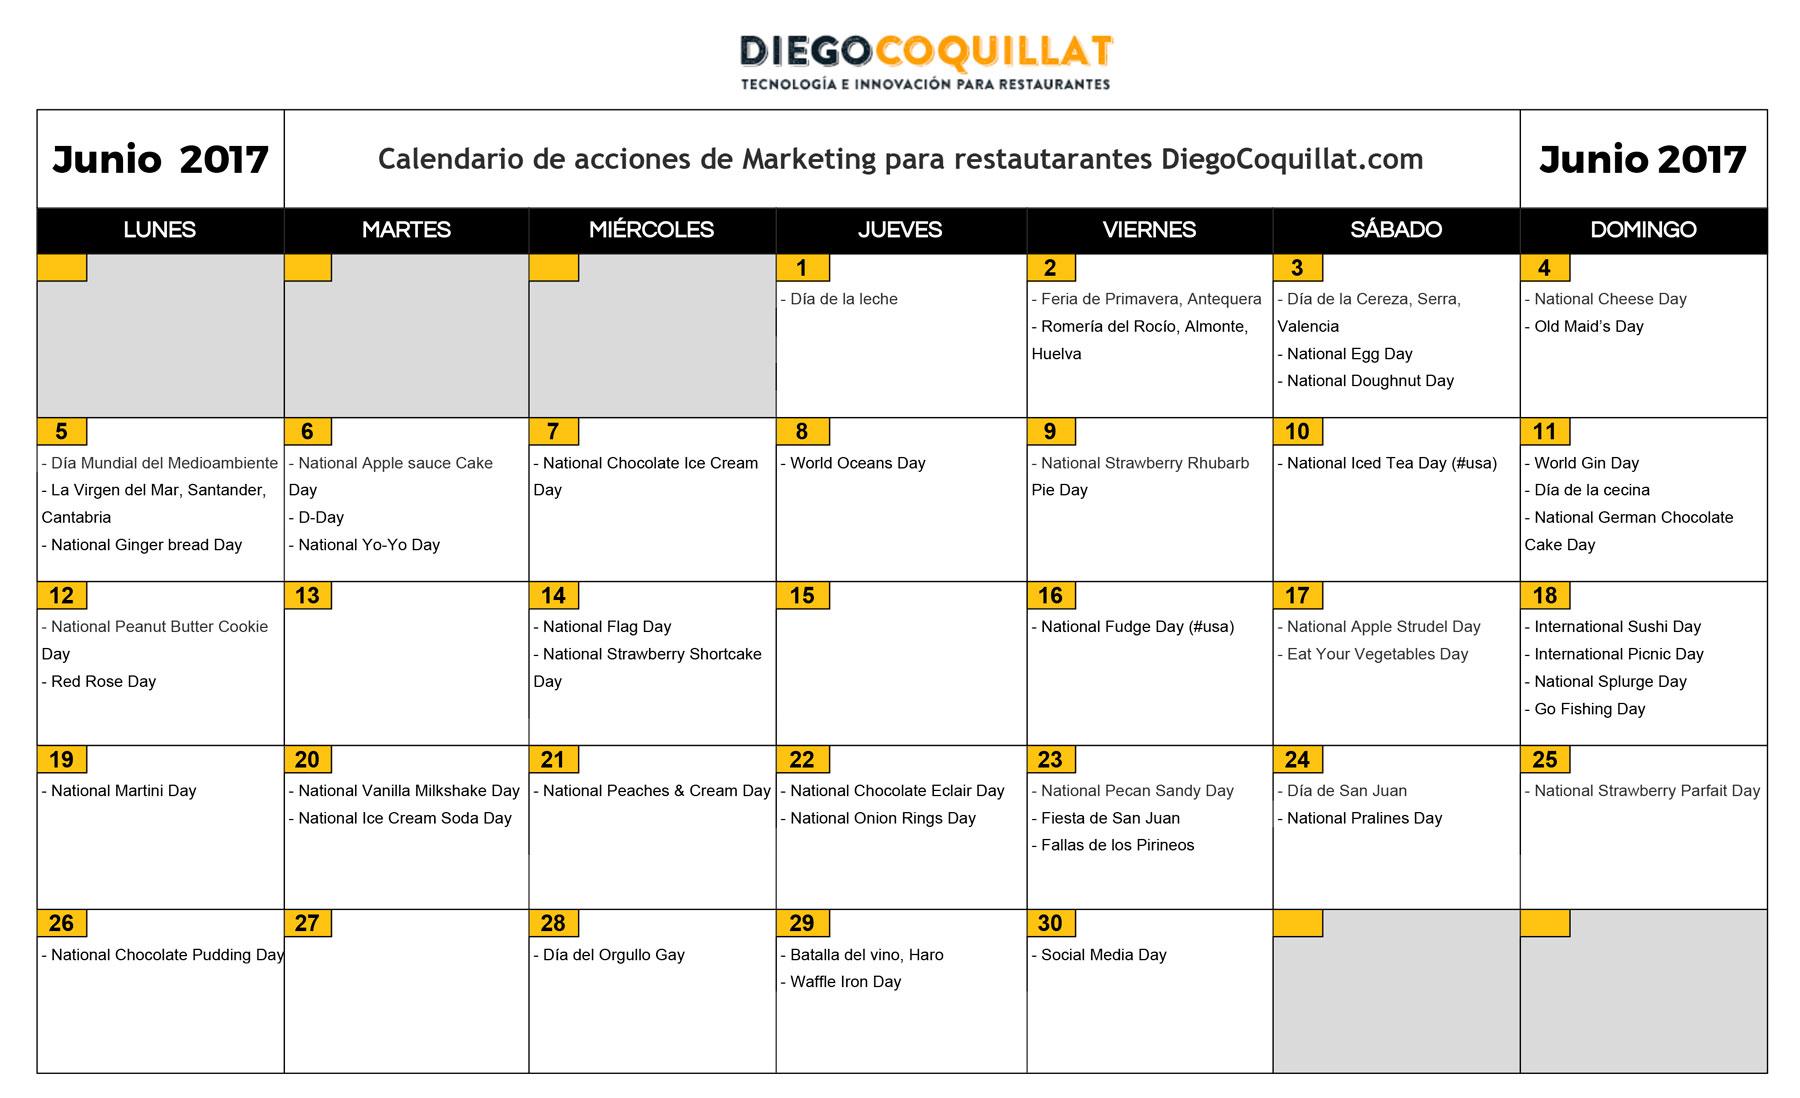 Junio de 2017: calendario de acciones de marketing para restaurantes